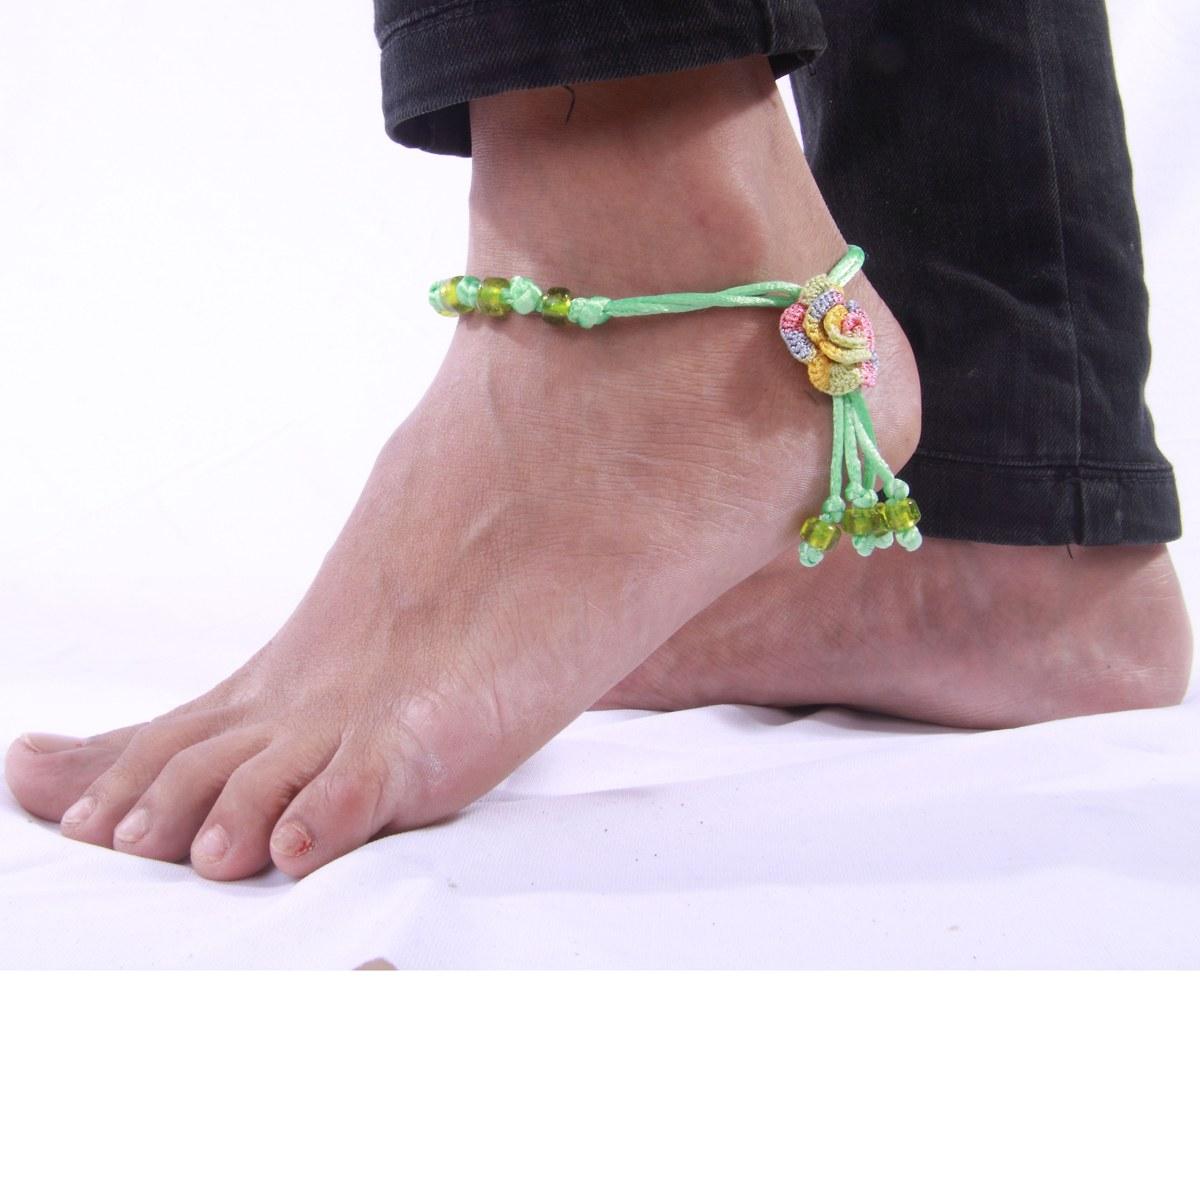 Men Wearing Anklets